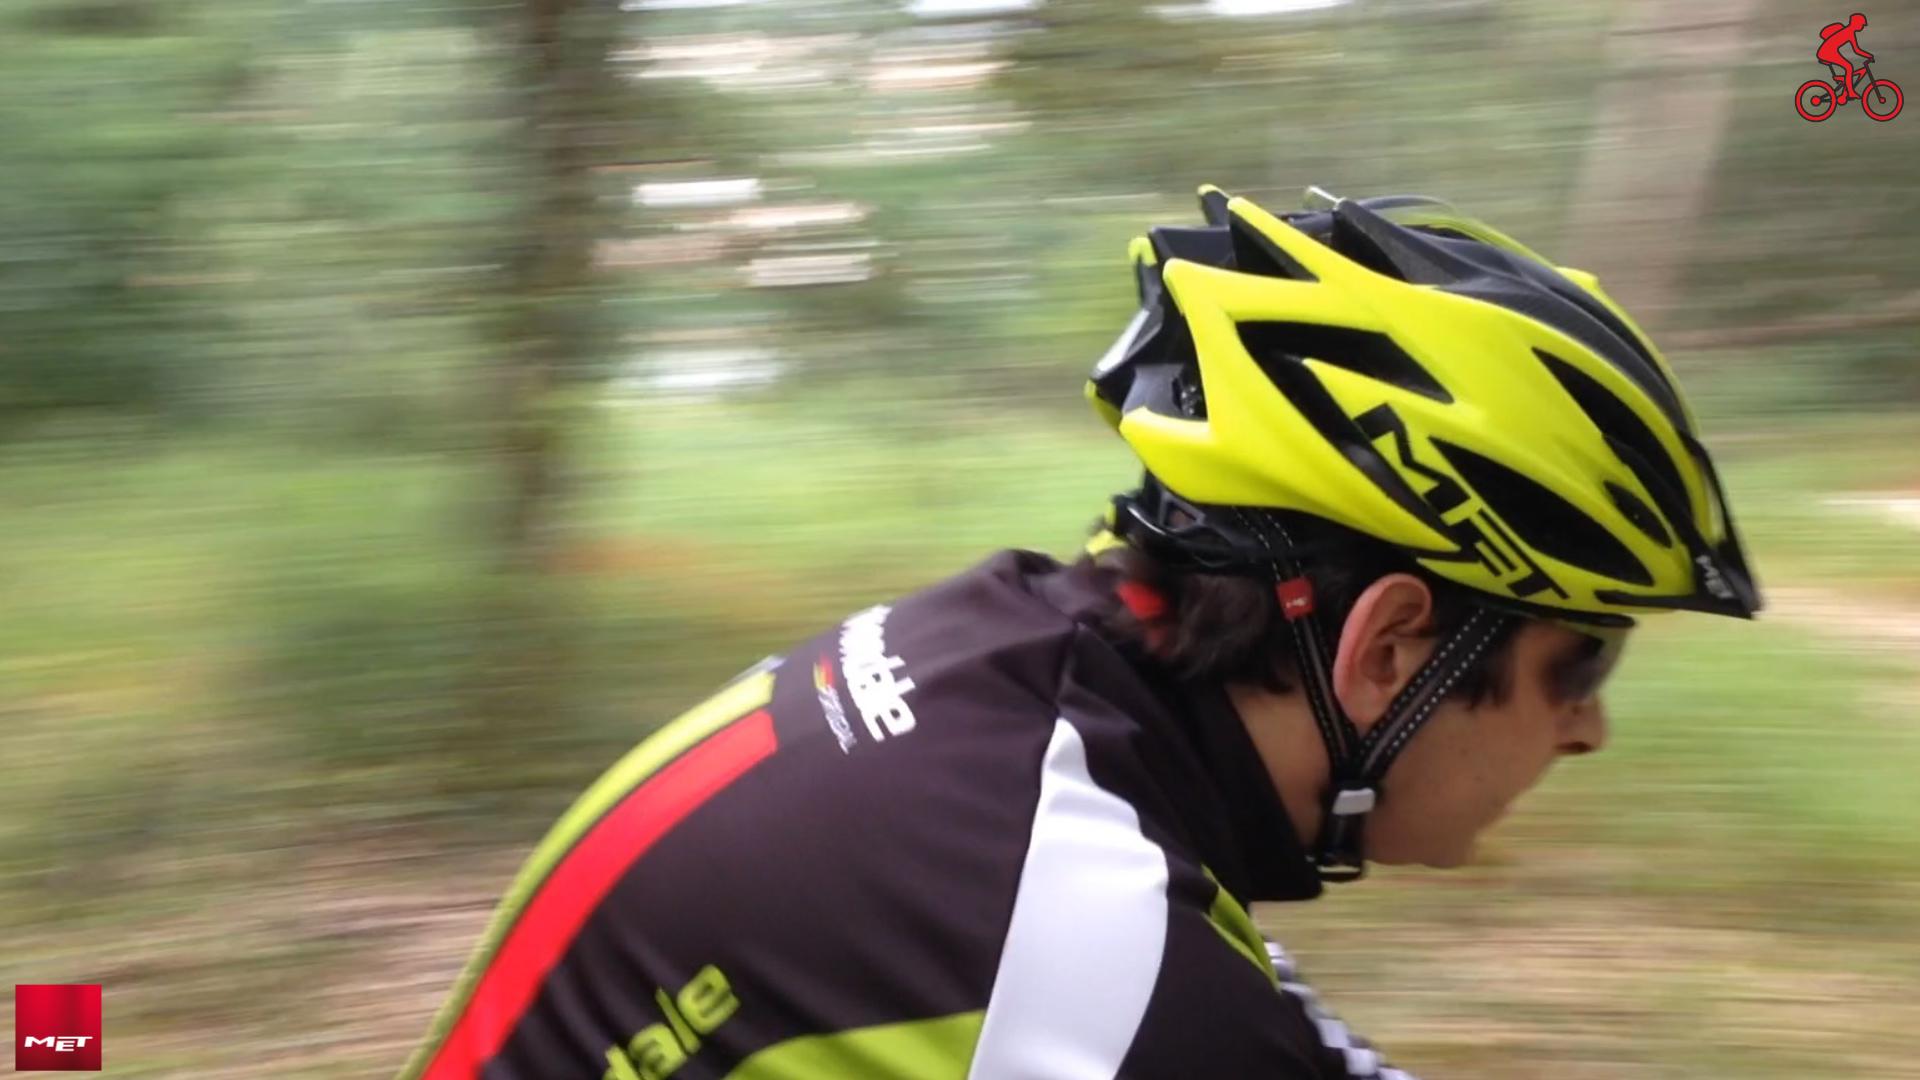 Met Helmets Veleno